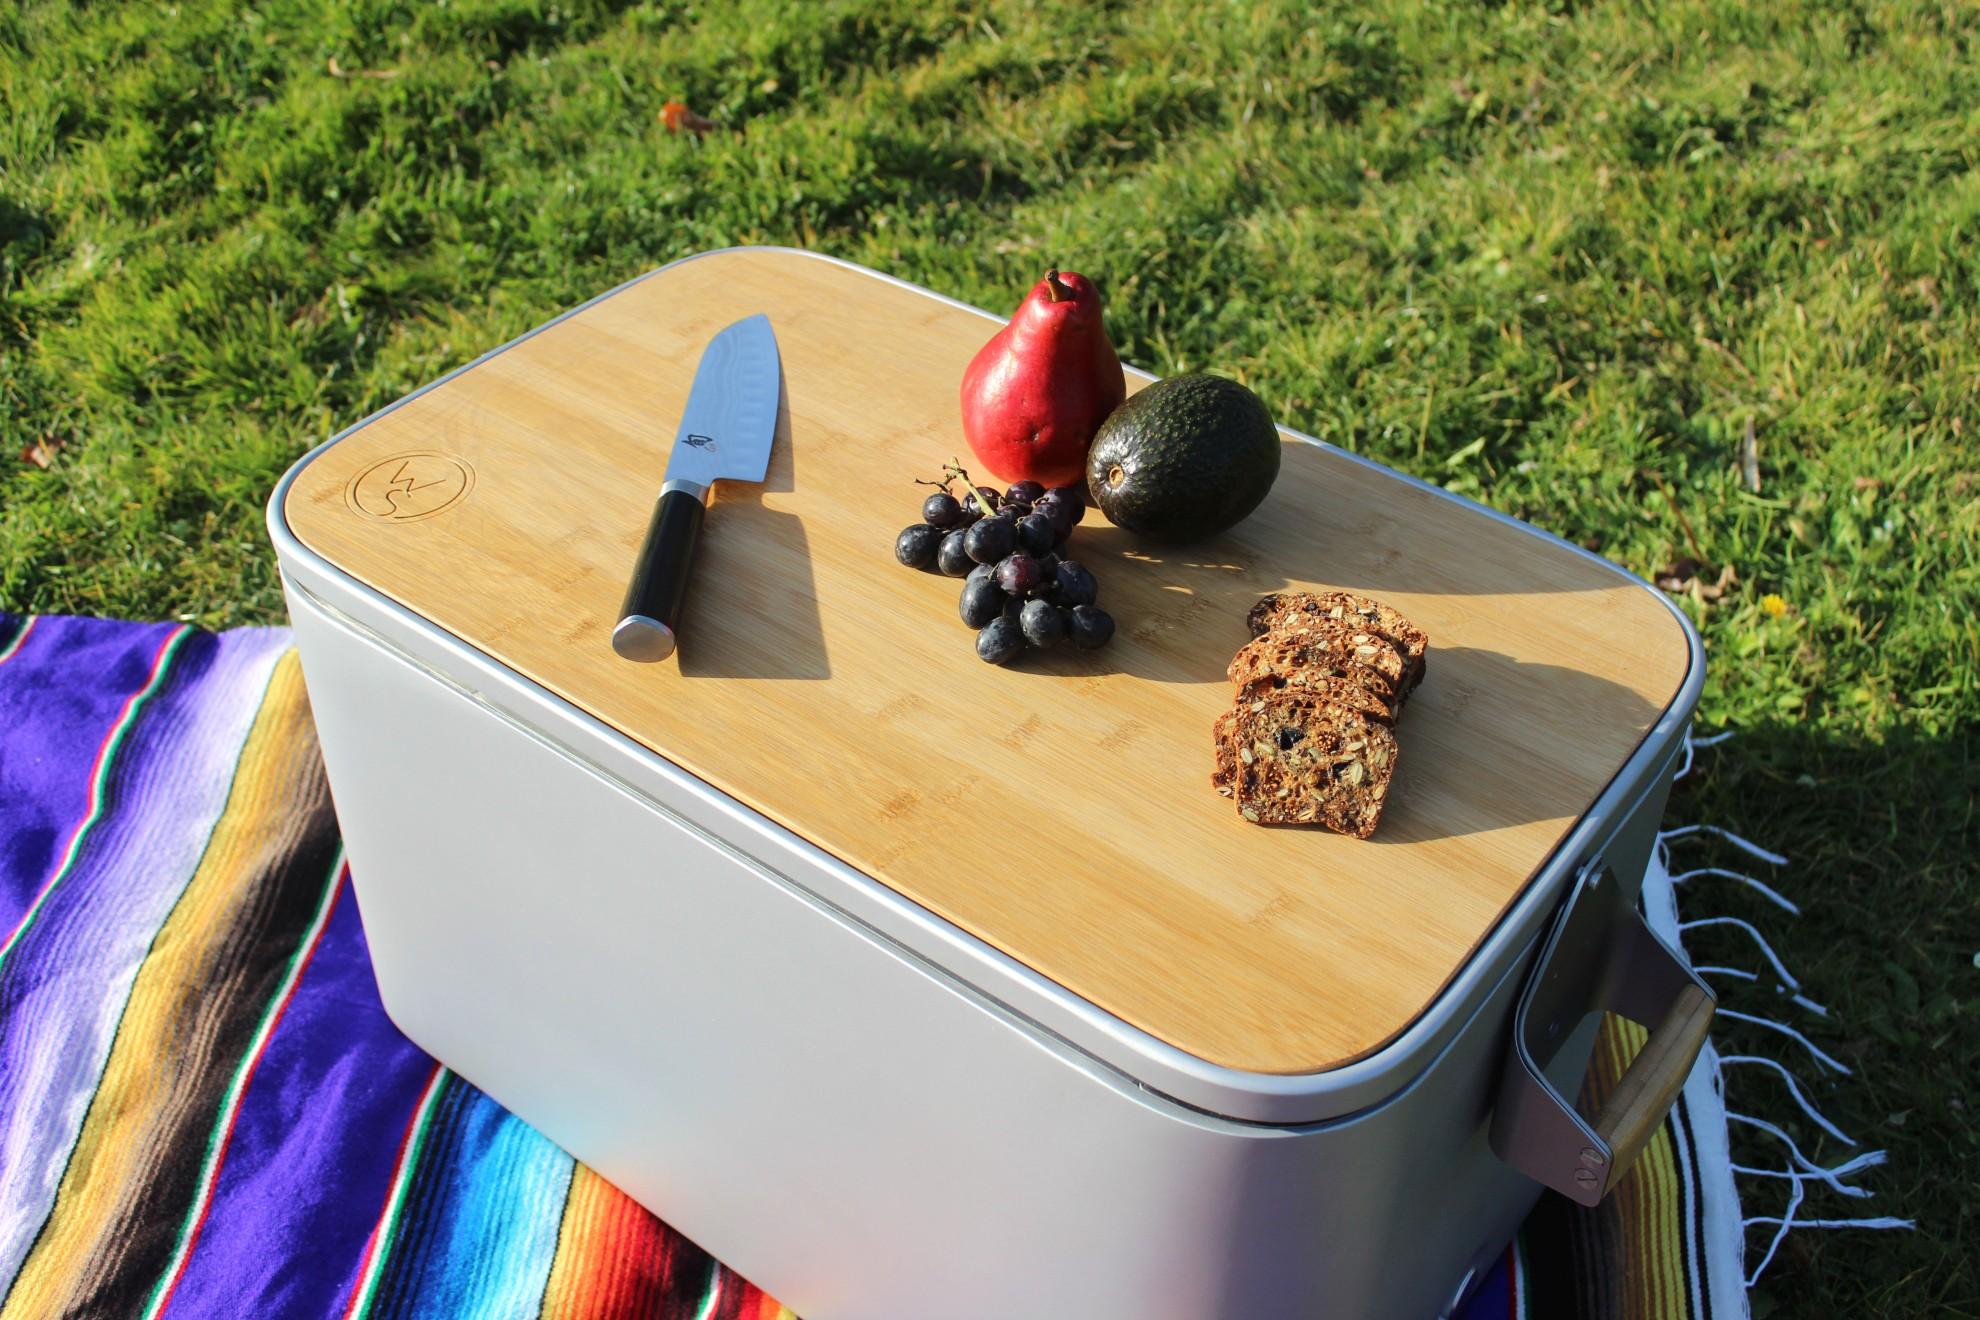 Die Kühltruhe ist umweltfreundlicher als herkömmliche Modelle. (Foto: Wool Street)